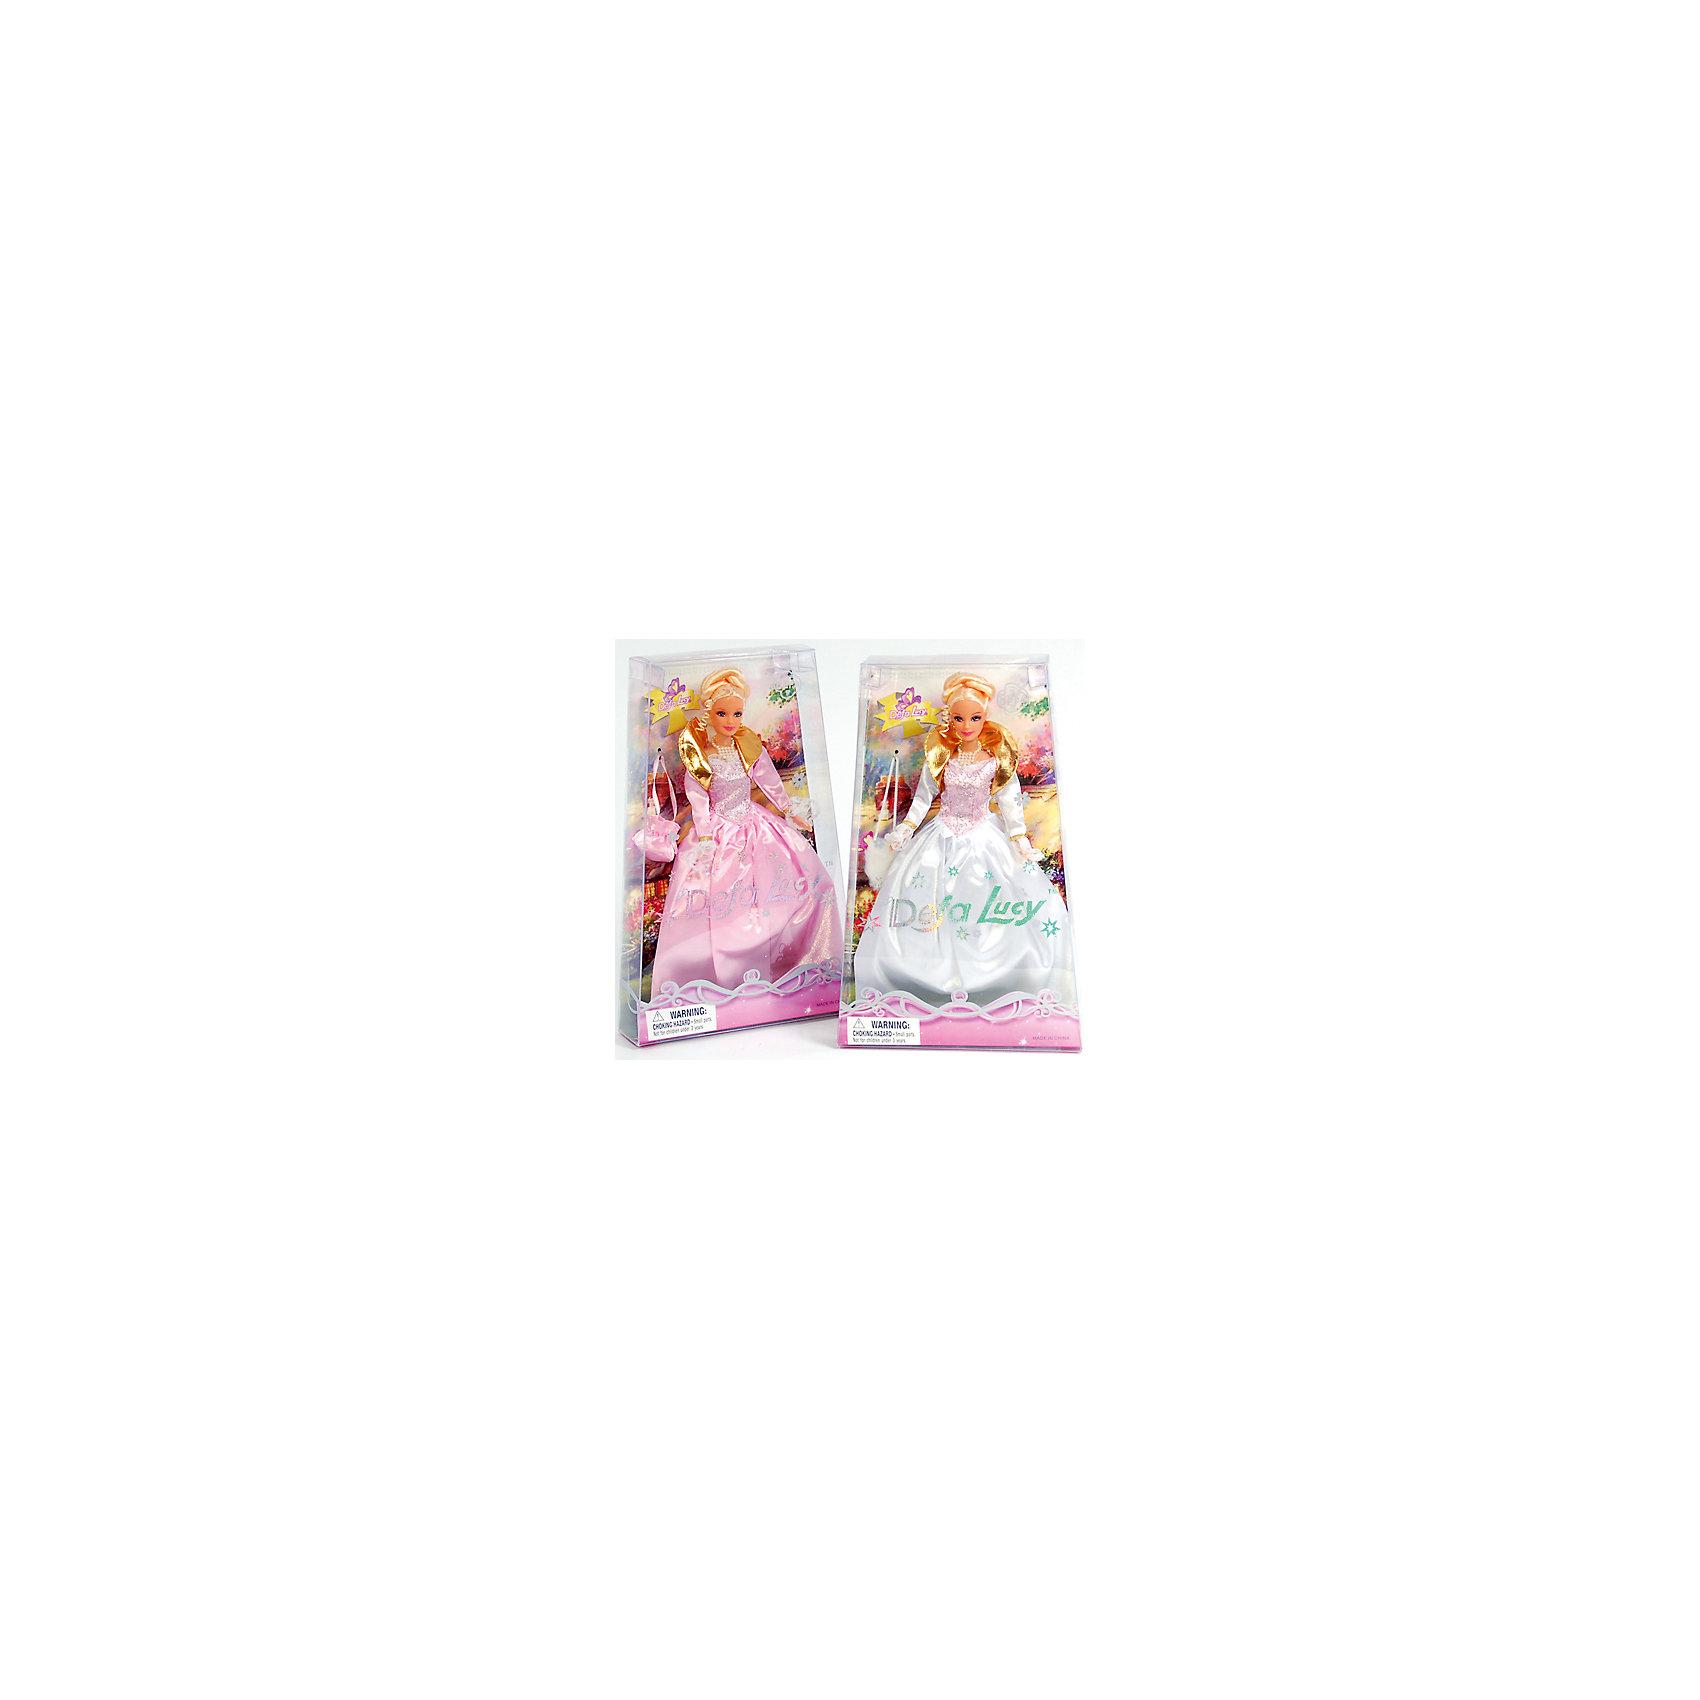 - Кукла-принцесса с сумкой, Defa Lucy, в ассорт. кукла defa lucy любимый малыш pink 5063pk